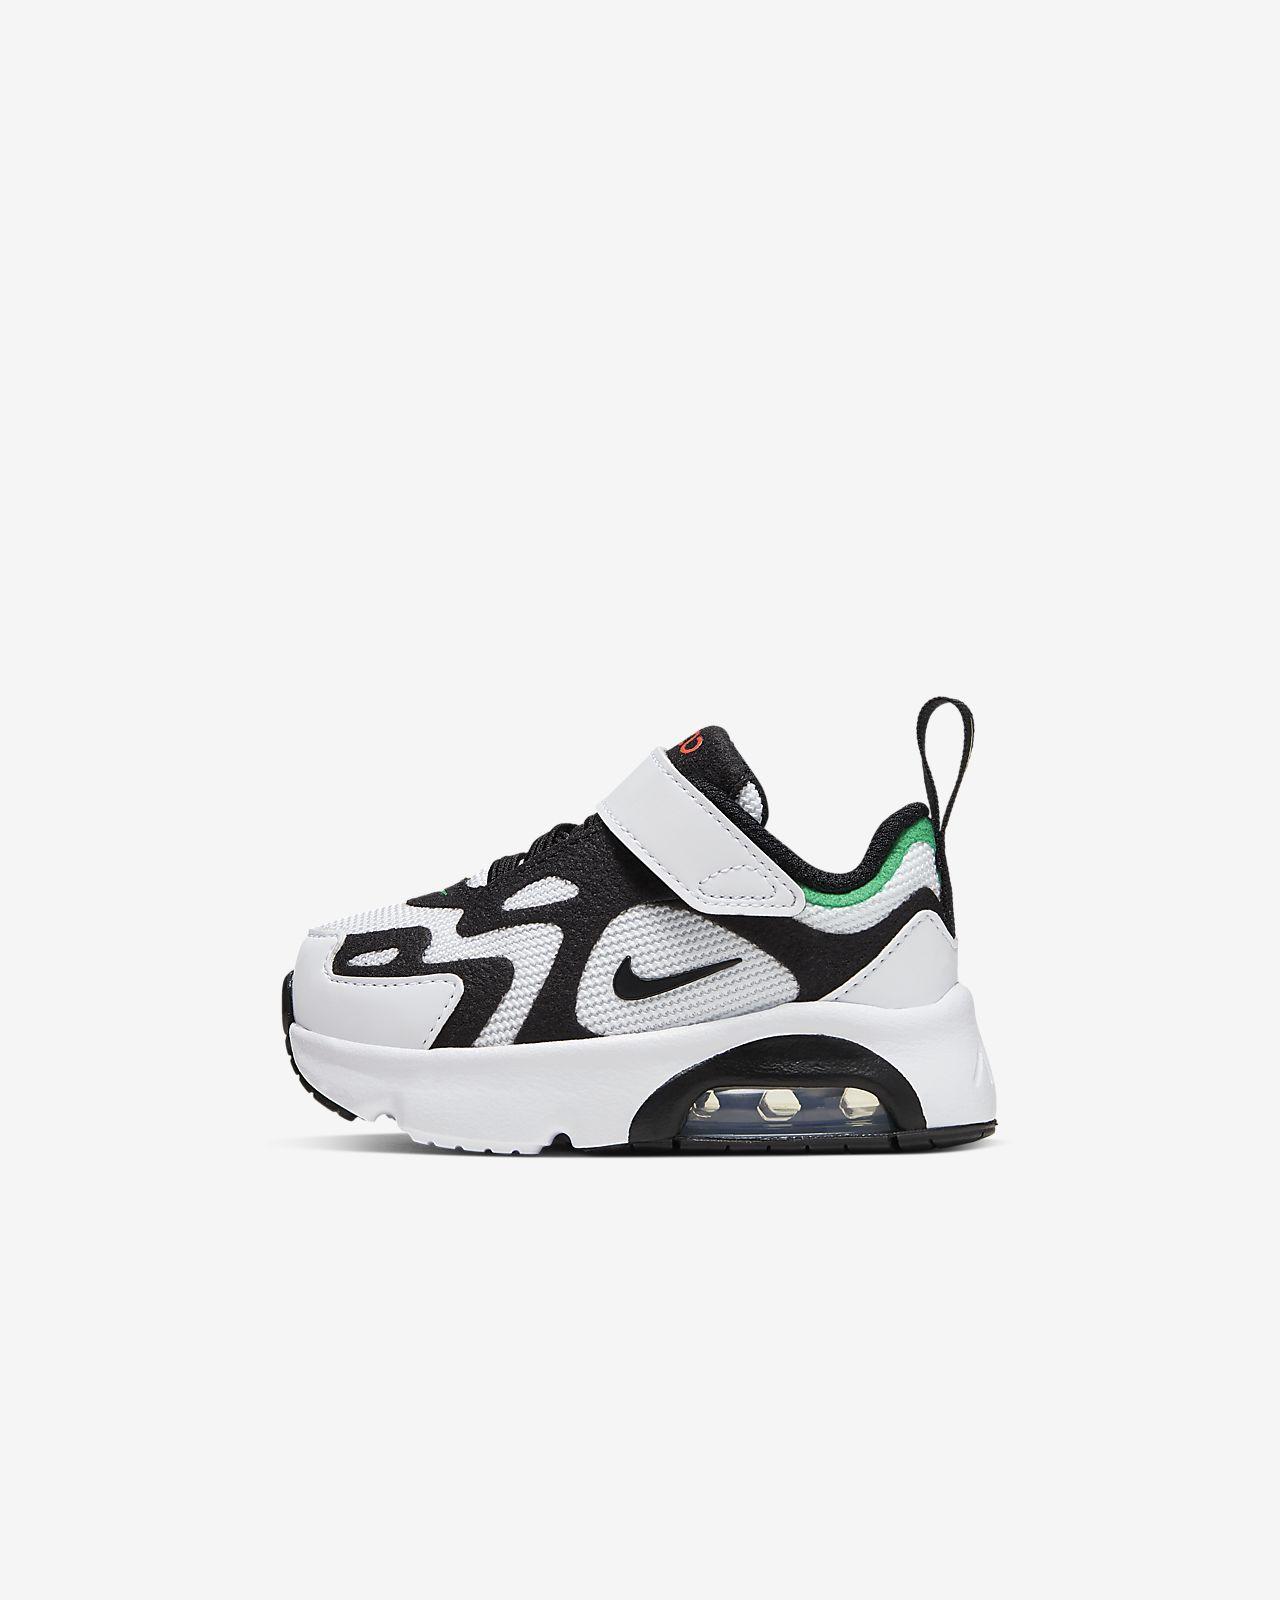 Nike Air Max SE sko til babyersmåbørn